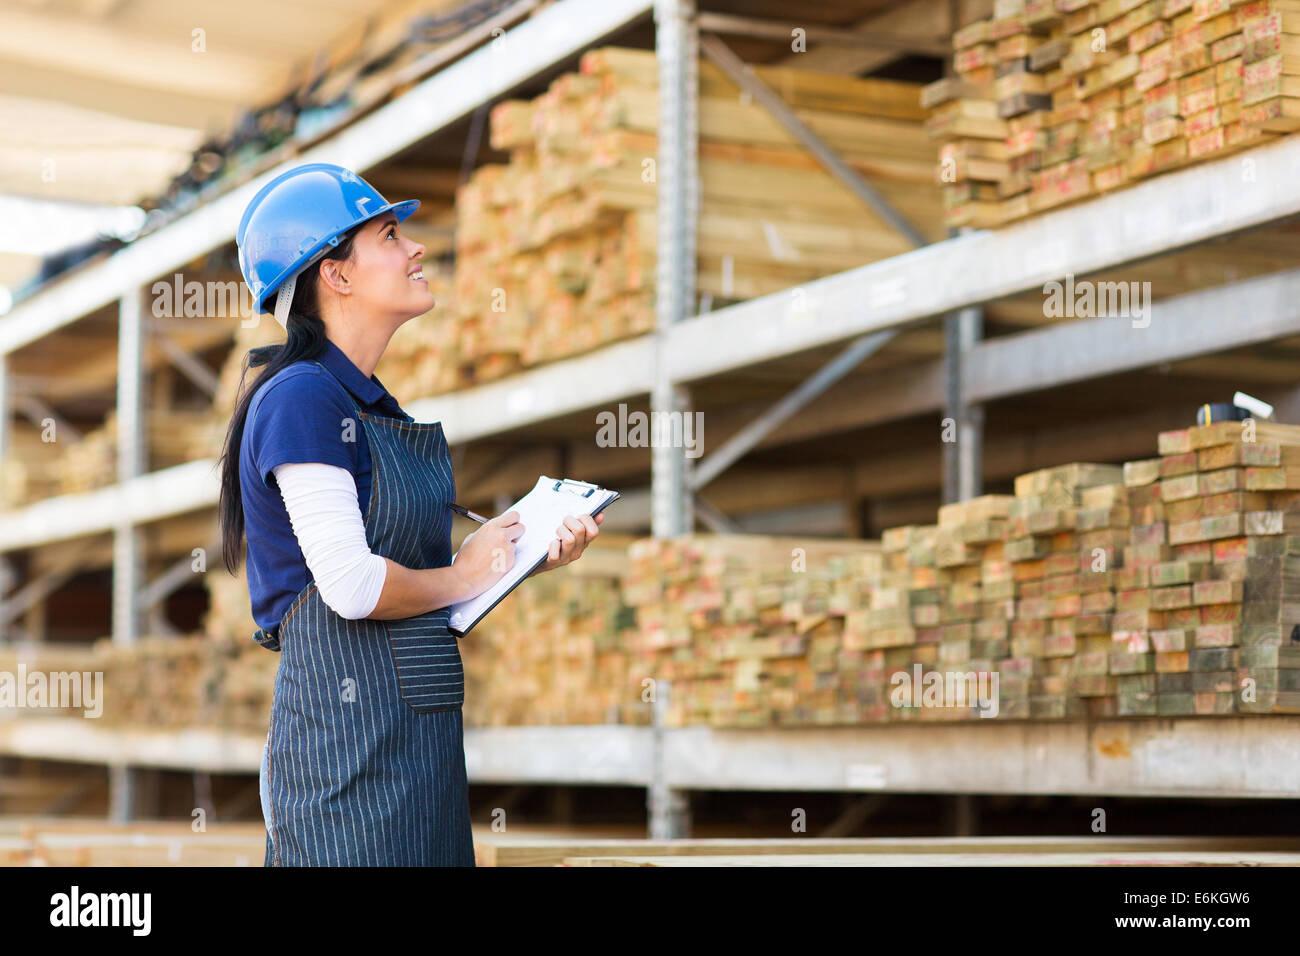 Hermosa trabajadora stock teniendo en el almacén Imagen De Stock